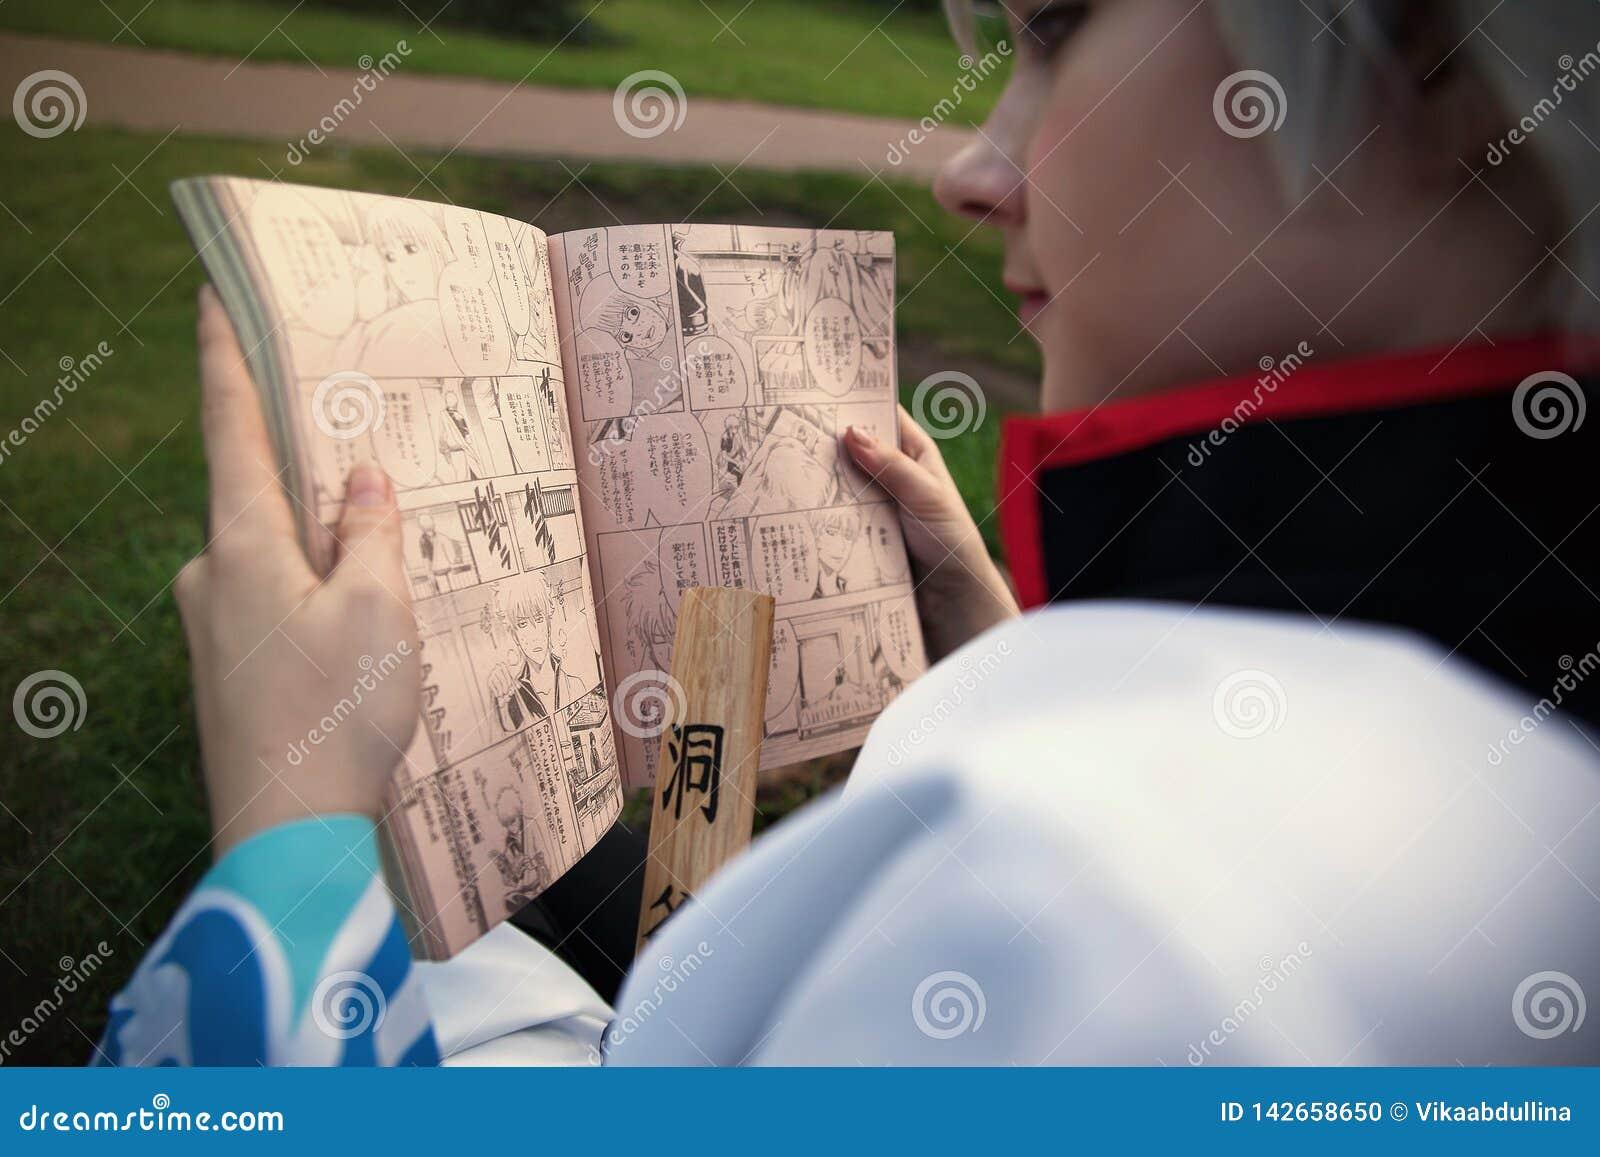 Girl Cosplayer of Sakata Gintoki from Gintama reading Weekly Shonen Jump